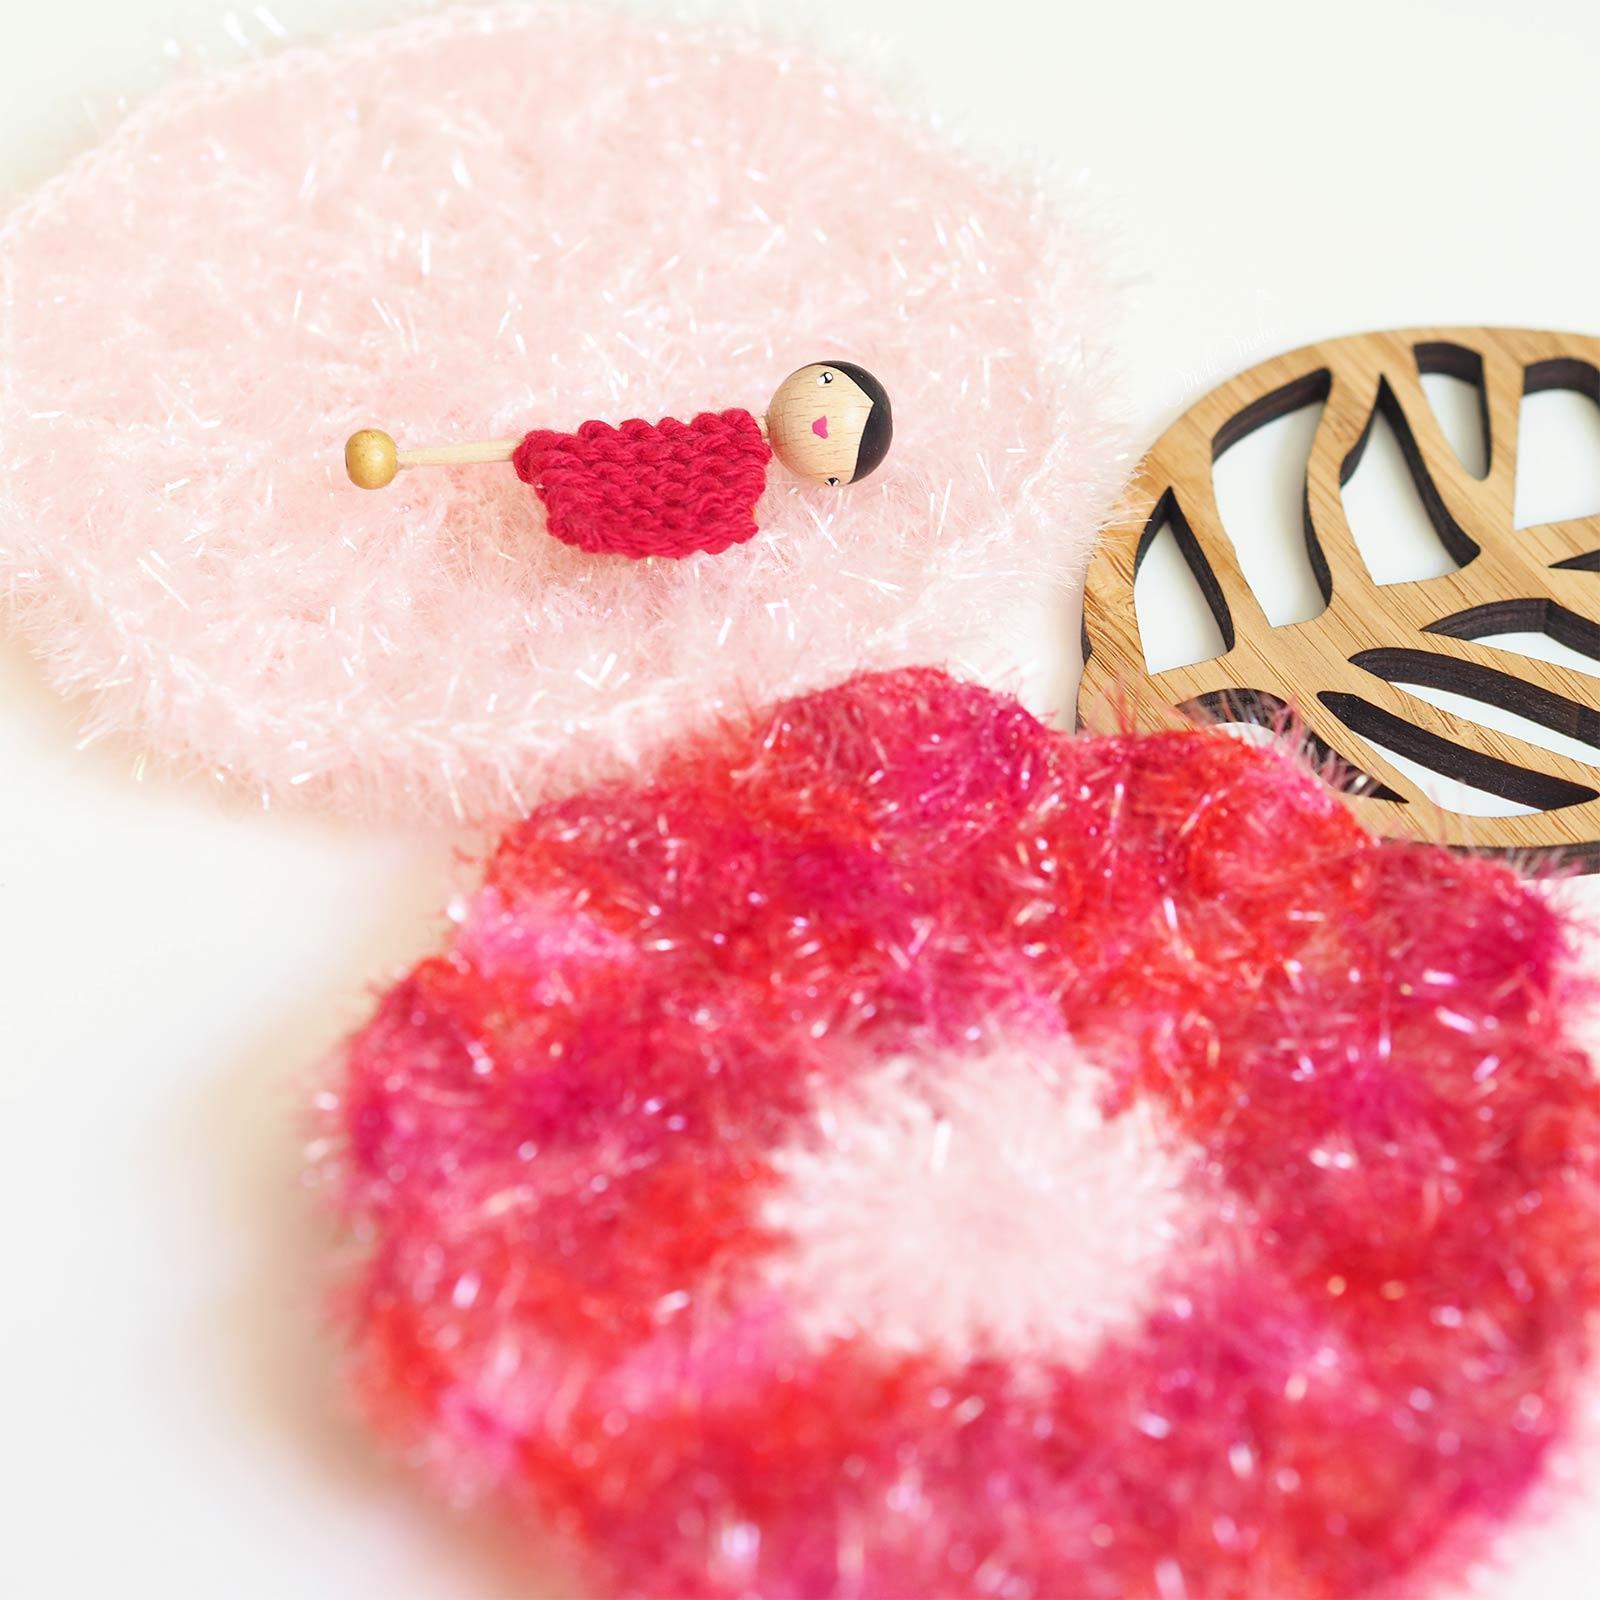 broche lespoisplumes éponge tawashi crochet fleur coquelicot laboutiquedemelimelo